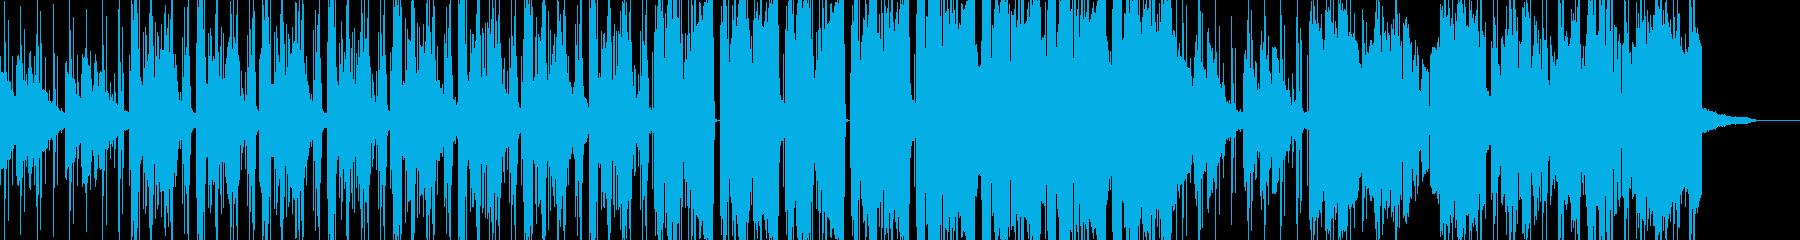 幻想的なヒップホップ風エレクトロニカの再生済みの波形